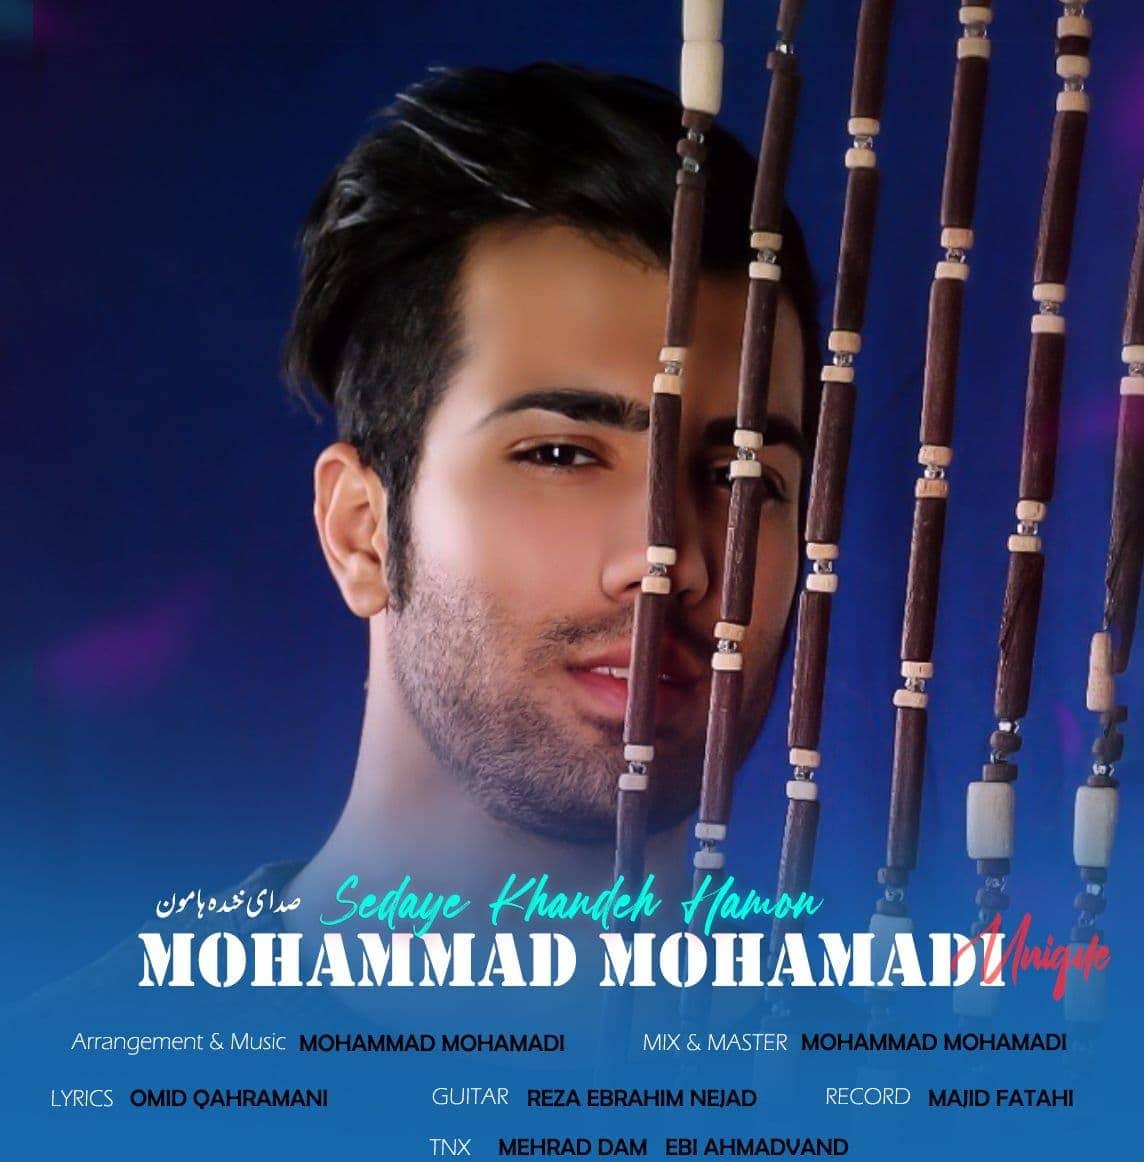 آهنگ محمد محمدی صدای خنده هامون